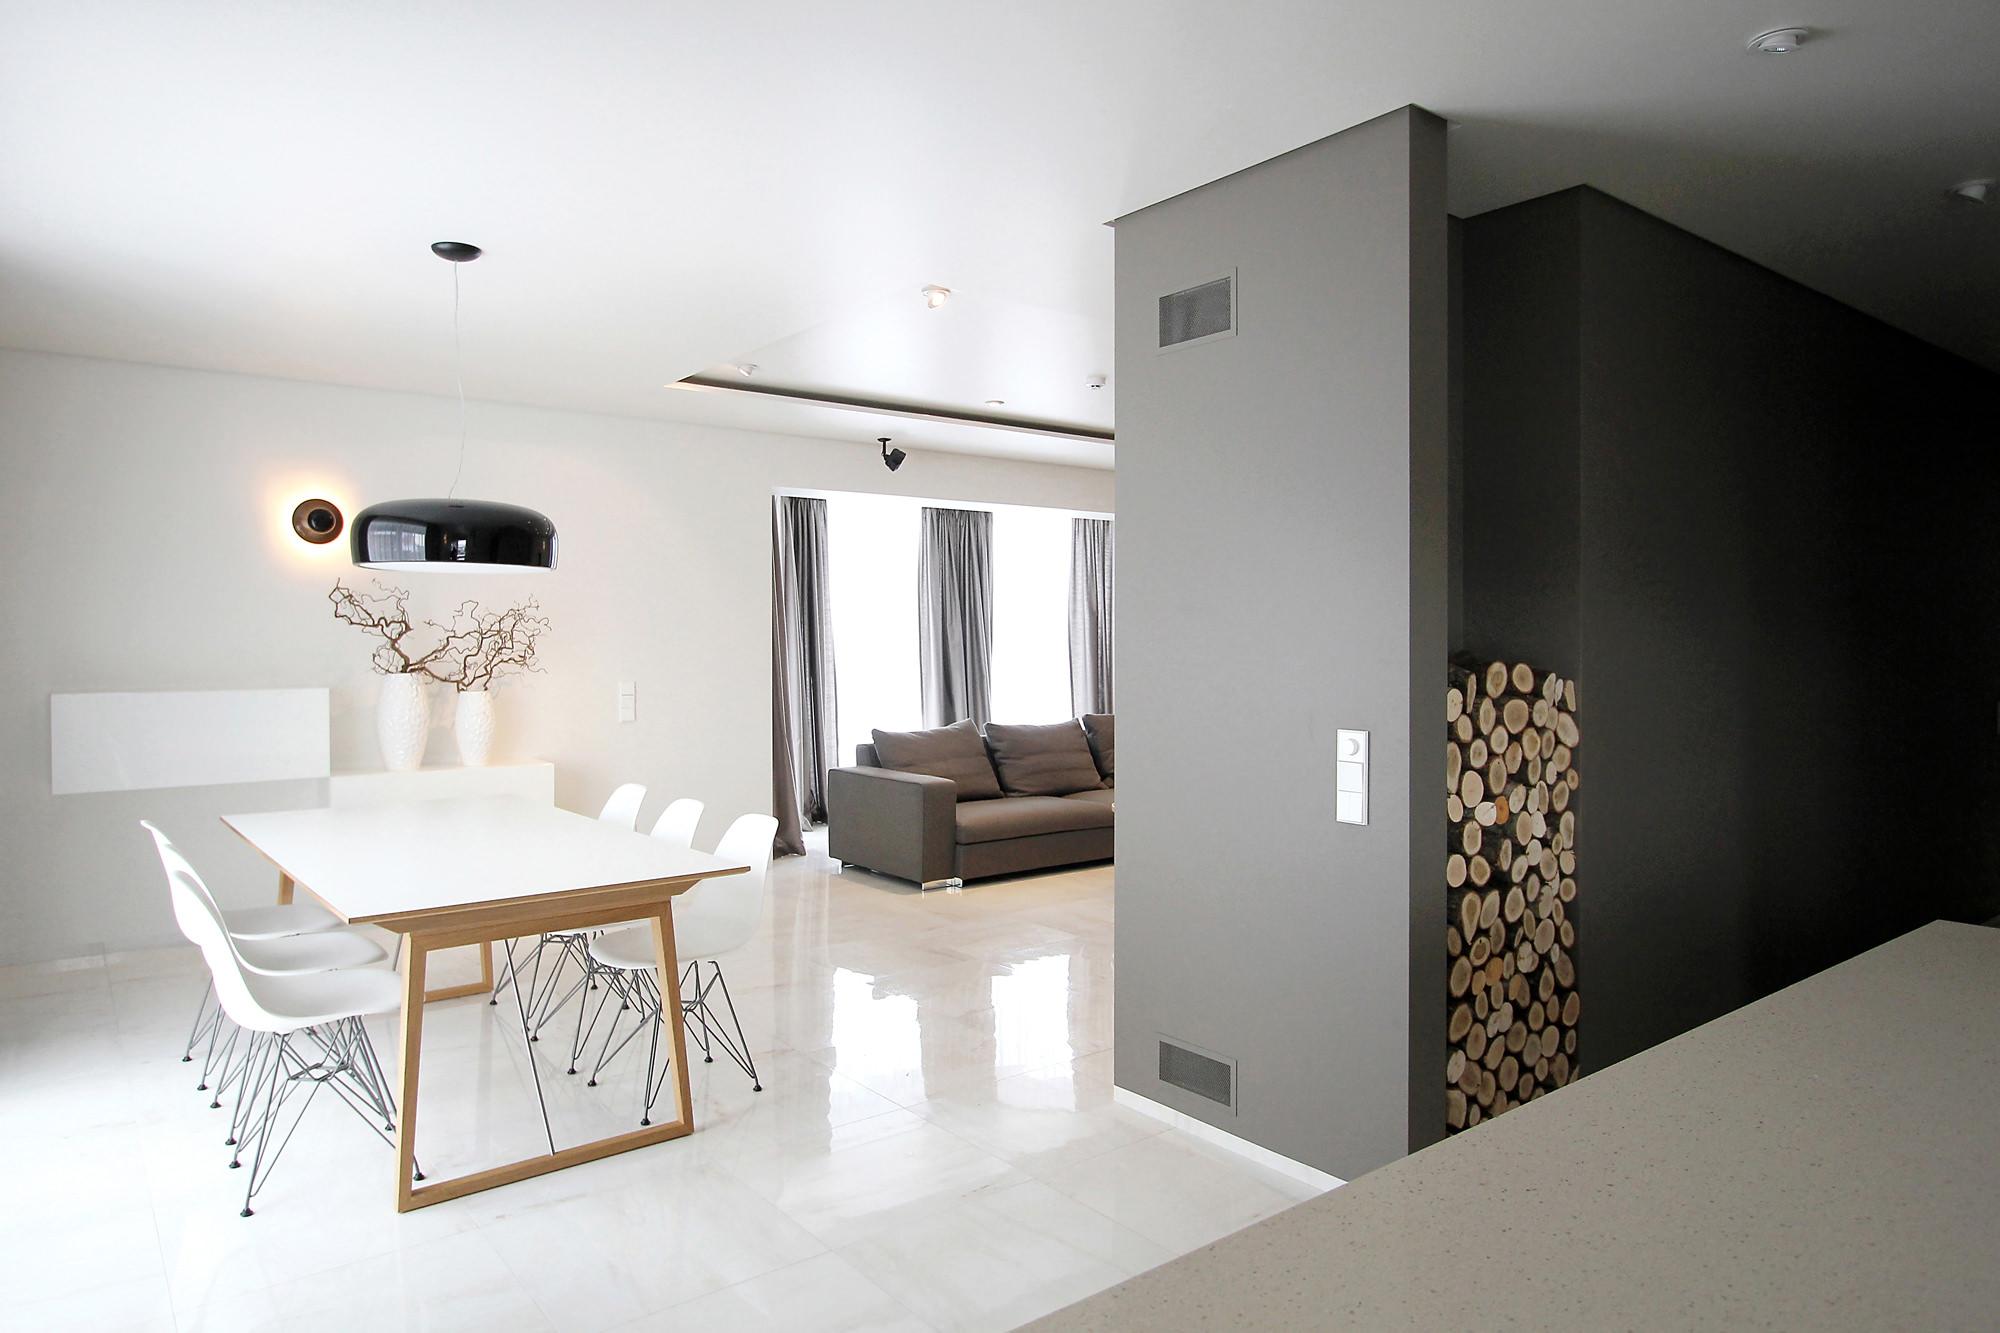 Residence by Ramūnas Manikas and Valdas Kontrimas